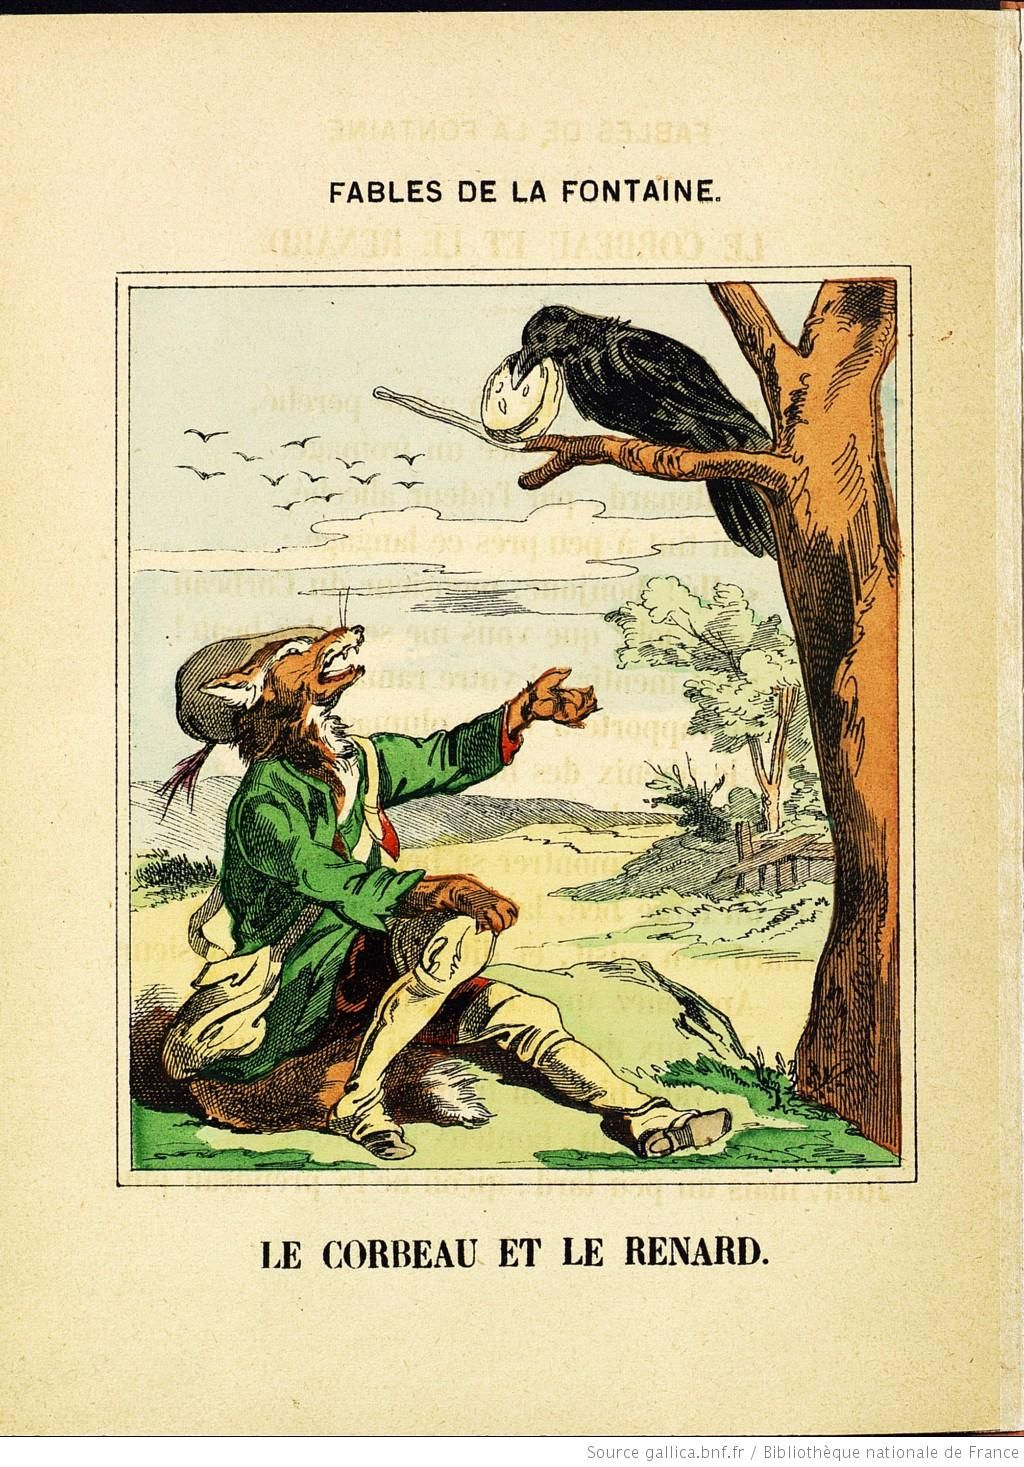 Fables de la fontaine images d 39 pinal le corbeau et le renard bnf gravures estampes - Coloriage le corbeau et le renard ...